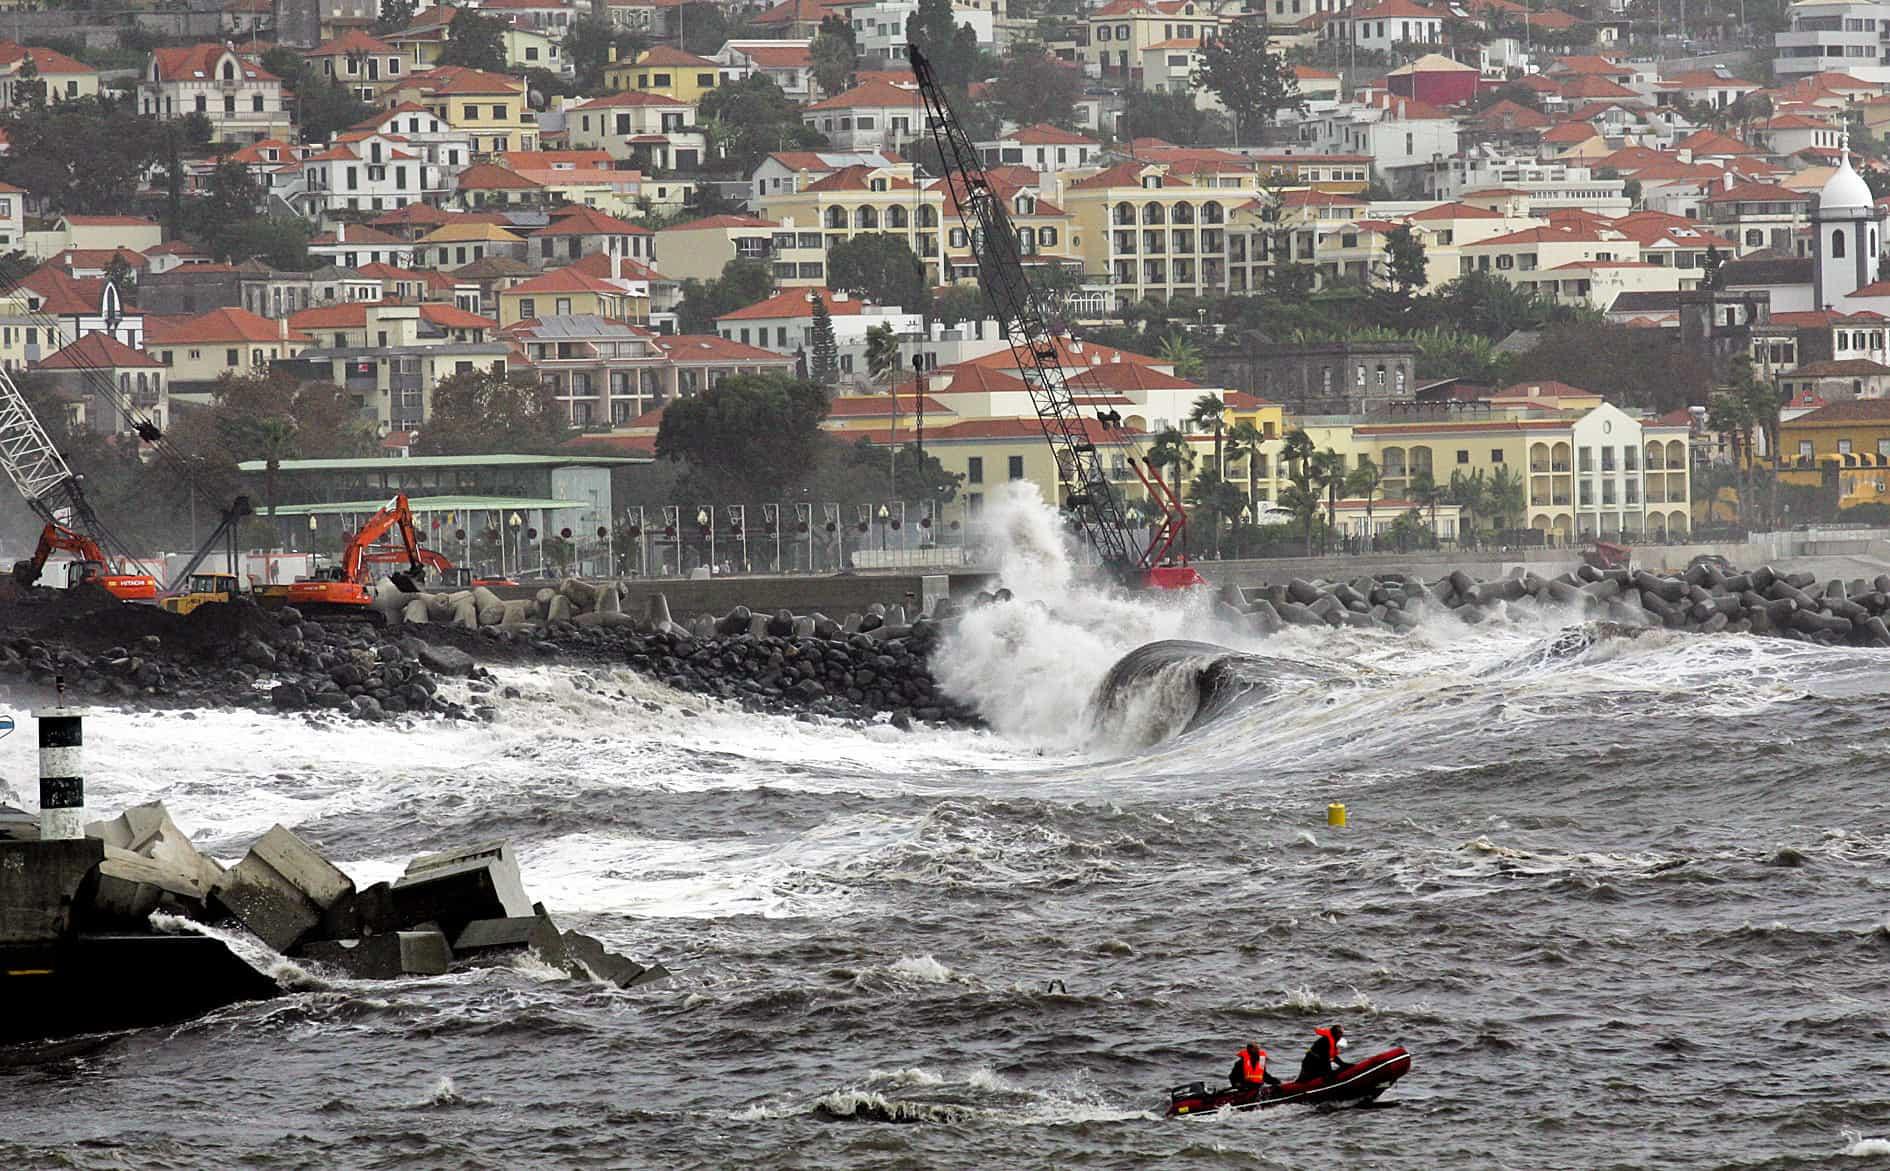 Furacão Leslie já passou pela Madeira e está a caminho do continente